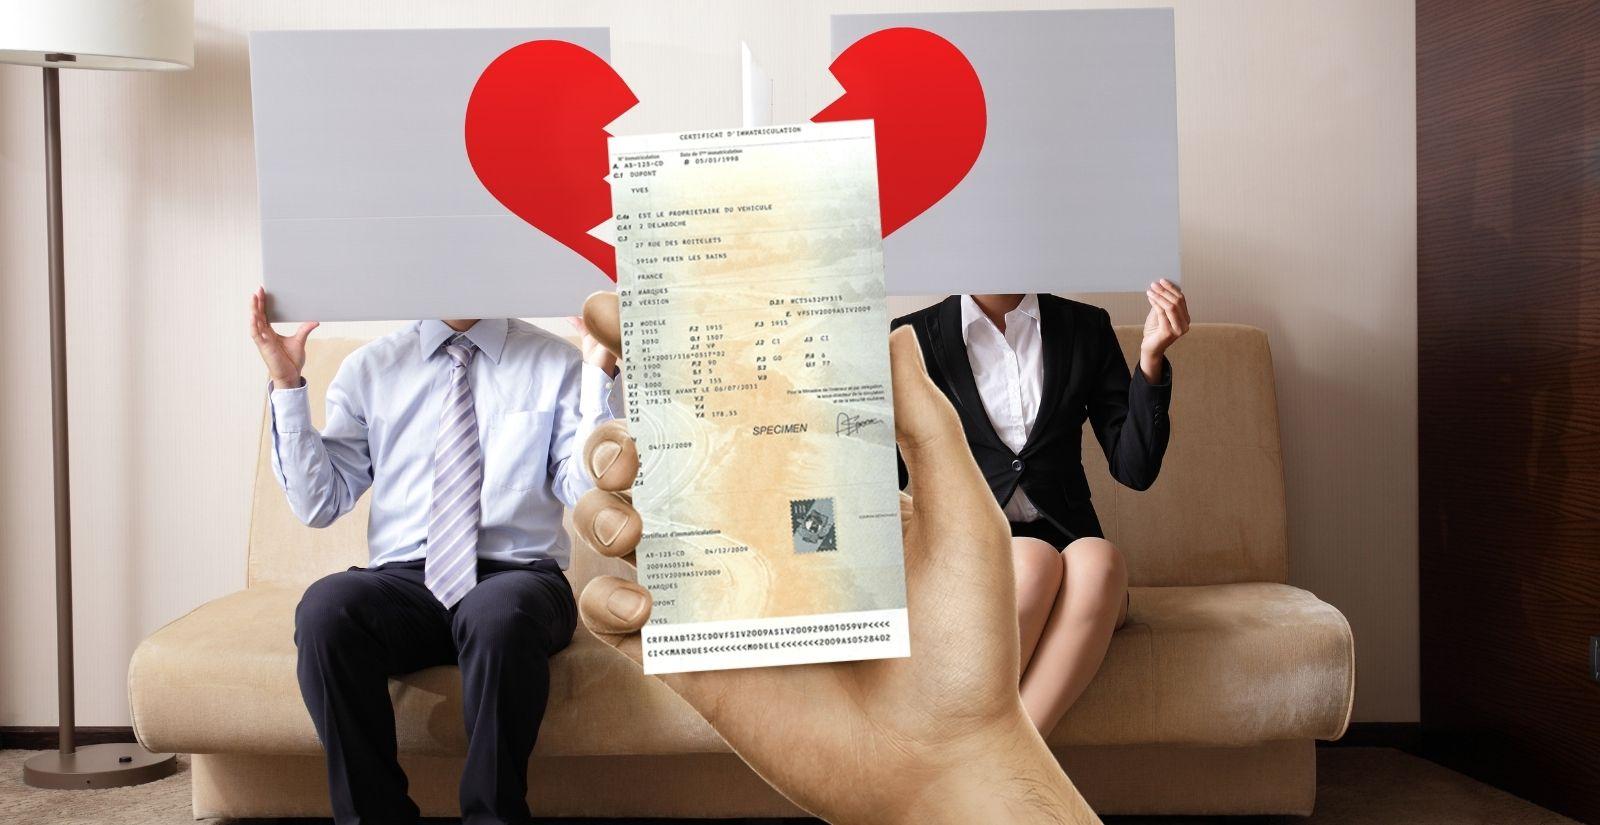 Changement carte grise en cas de divorce